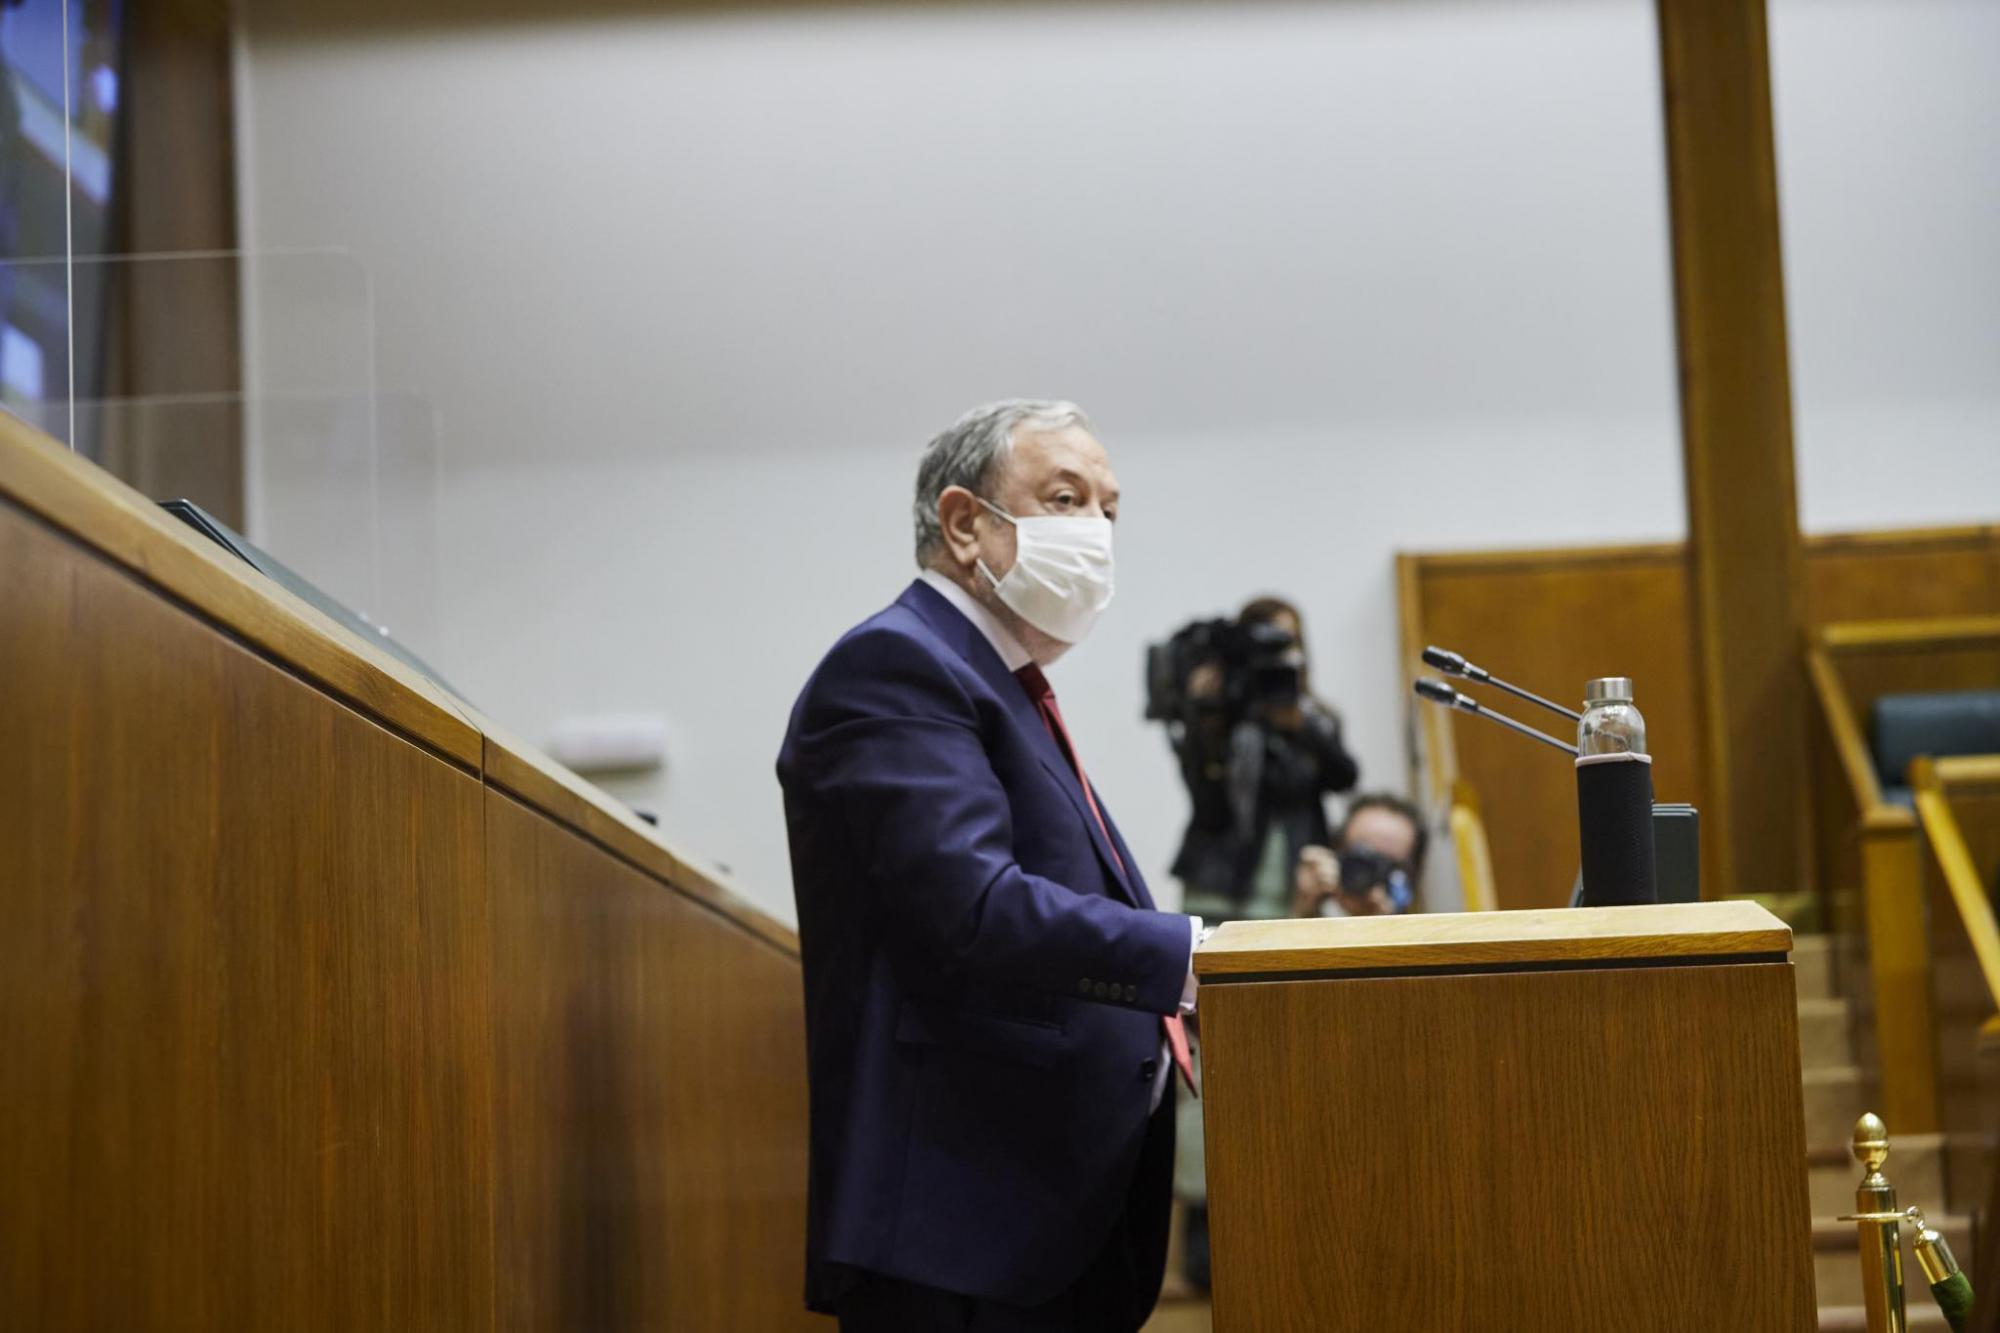 Intervención del Consejero Pedro Azpiazu en el pleno del Parlamento Vasco sobre los fondos europeos [14:52]